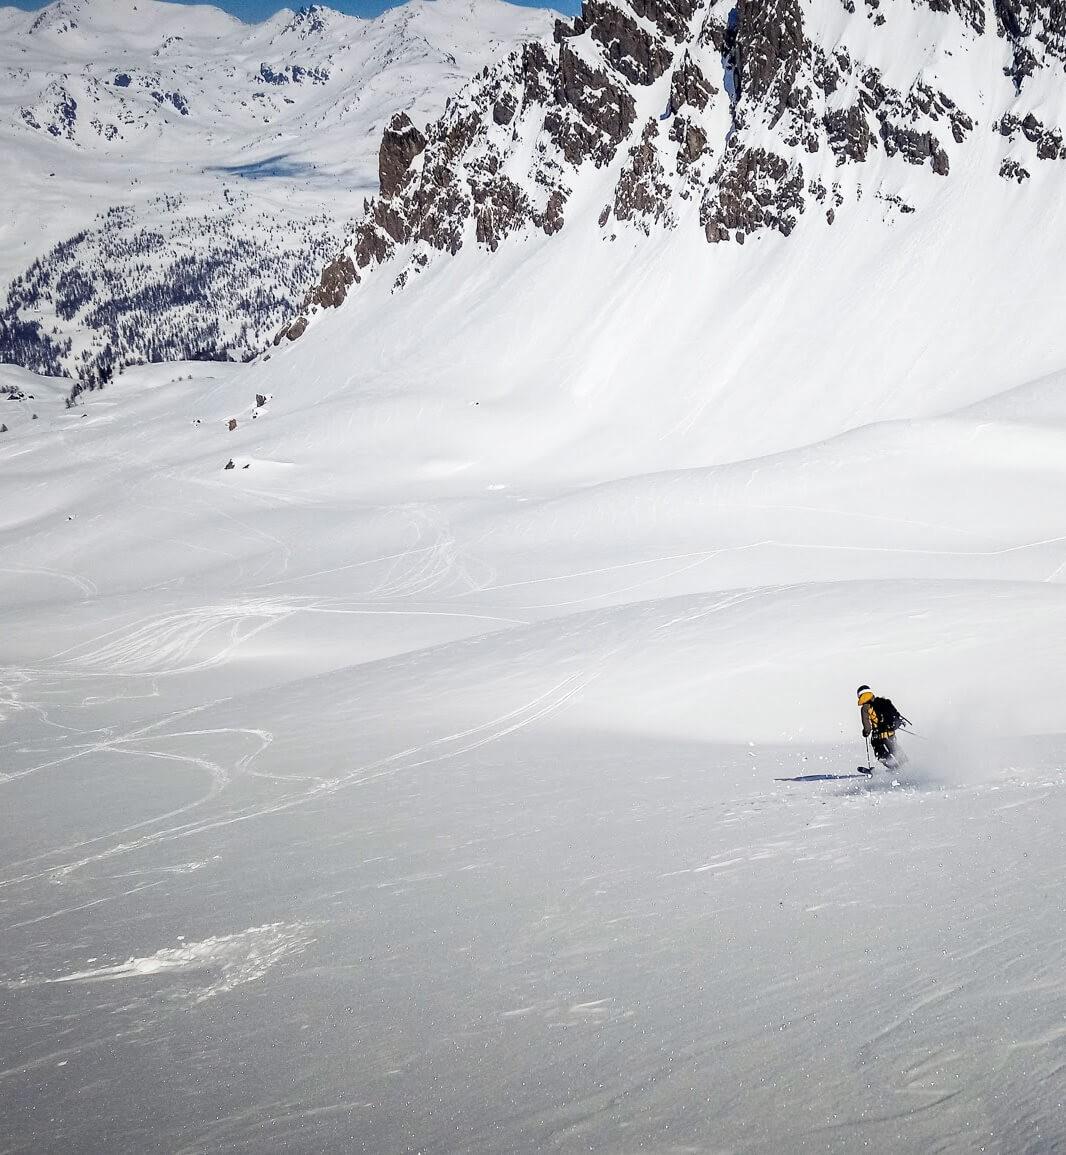 Descente en ski déconnectée